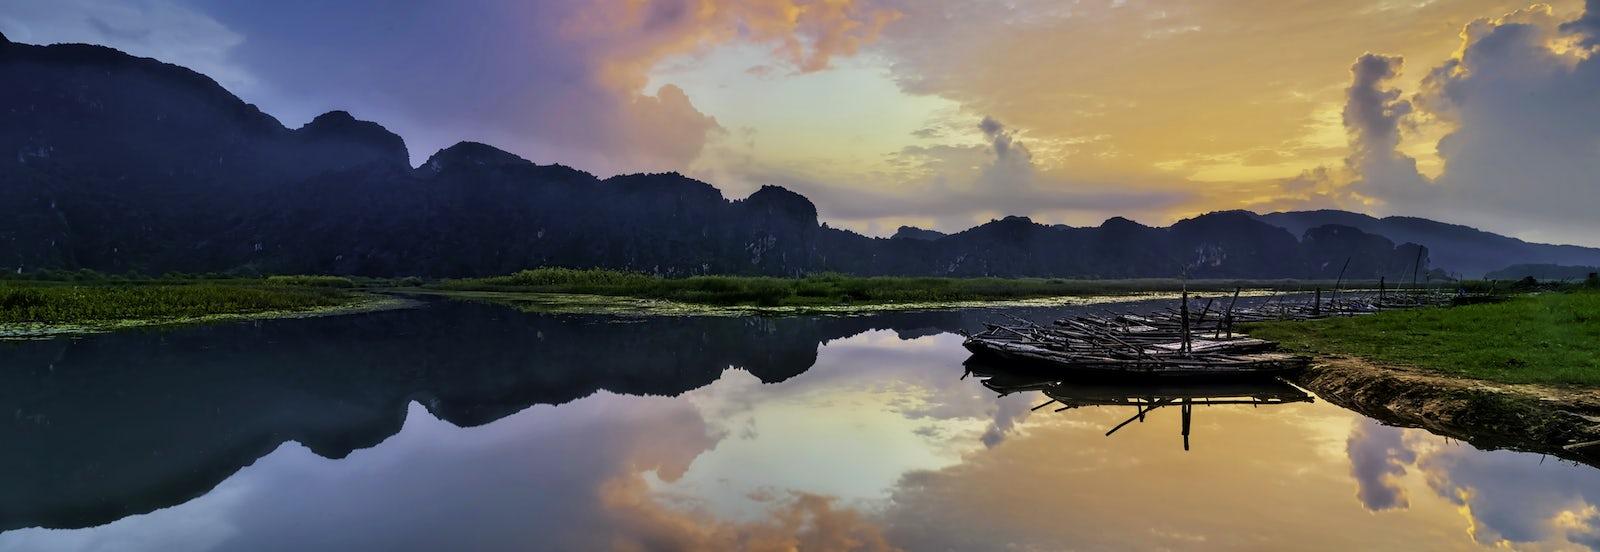 © Istock/Vu Viet Dung